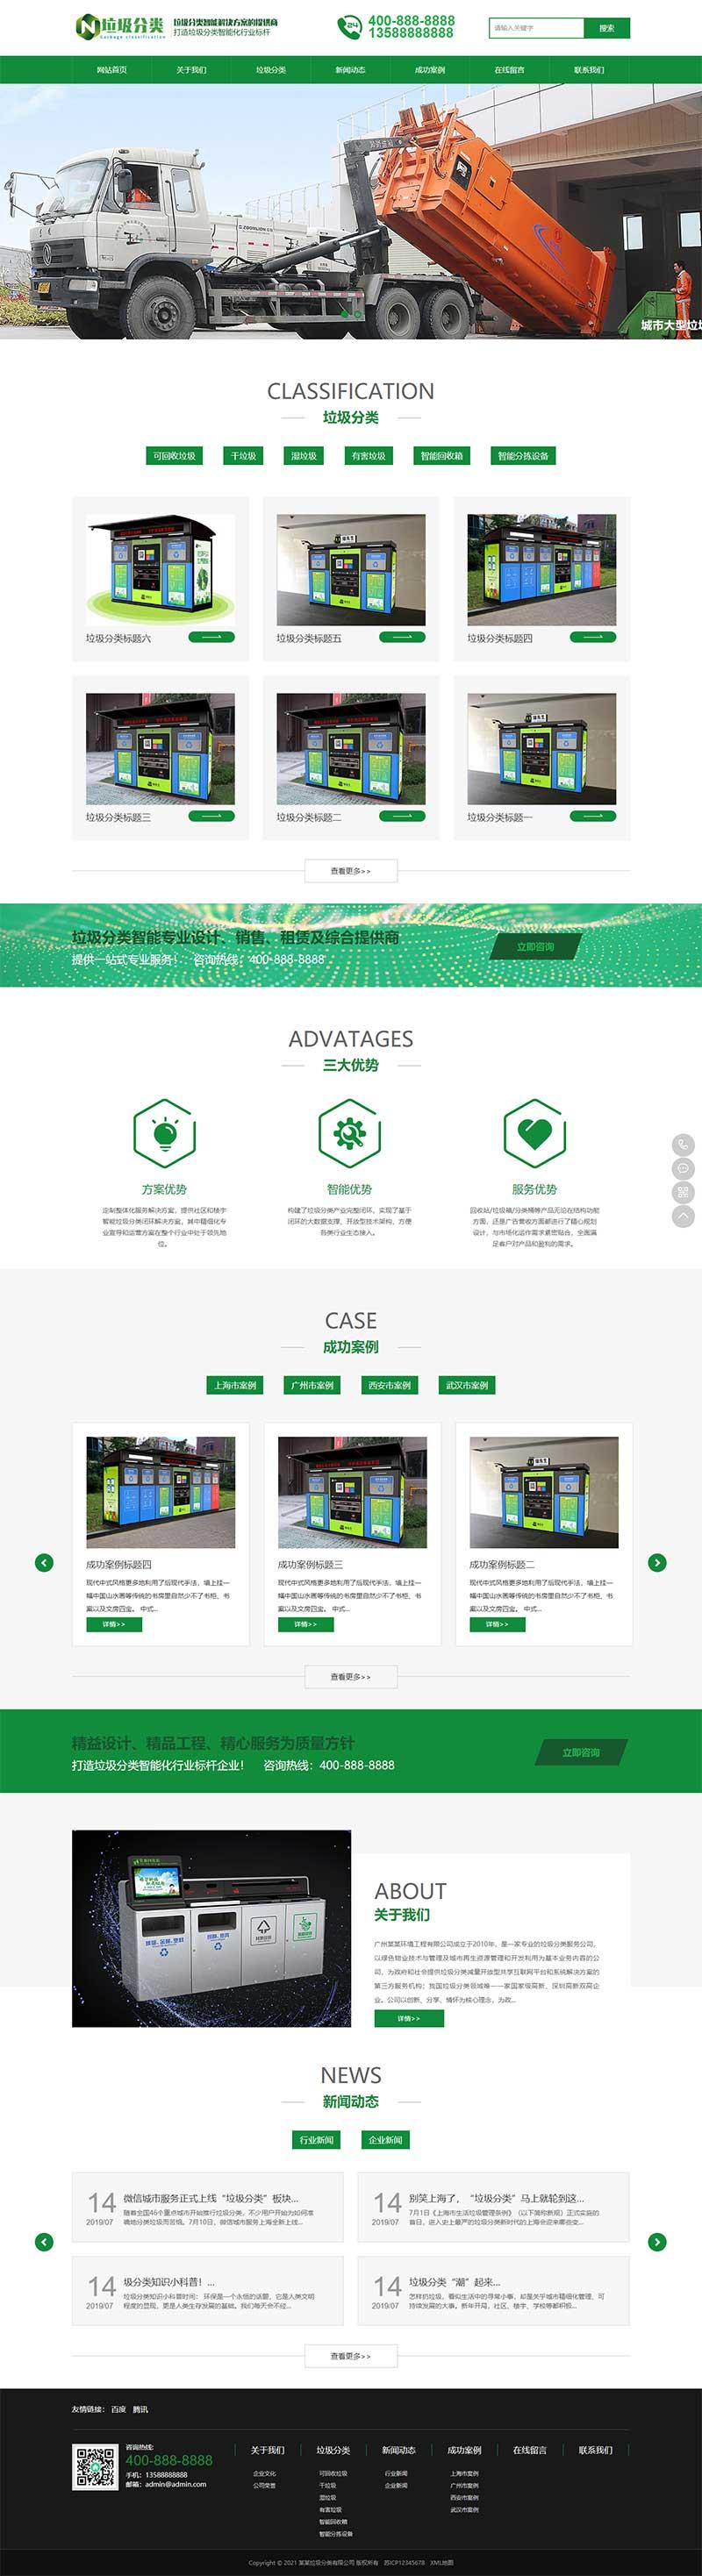 绿色垃圾分类网站织梦模板 垃圾分类垃圾桶环保网站源码下载(带移动端数据)